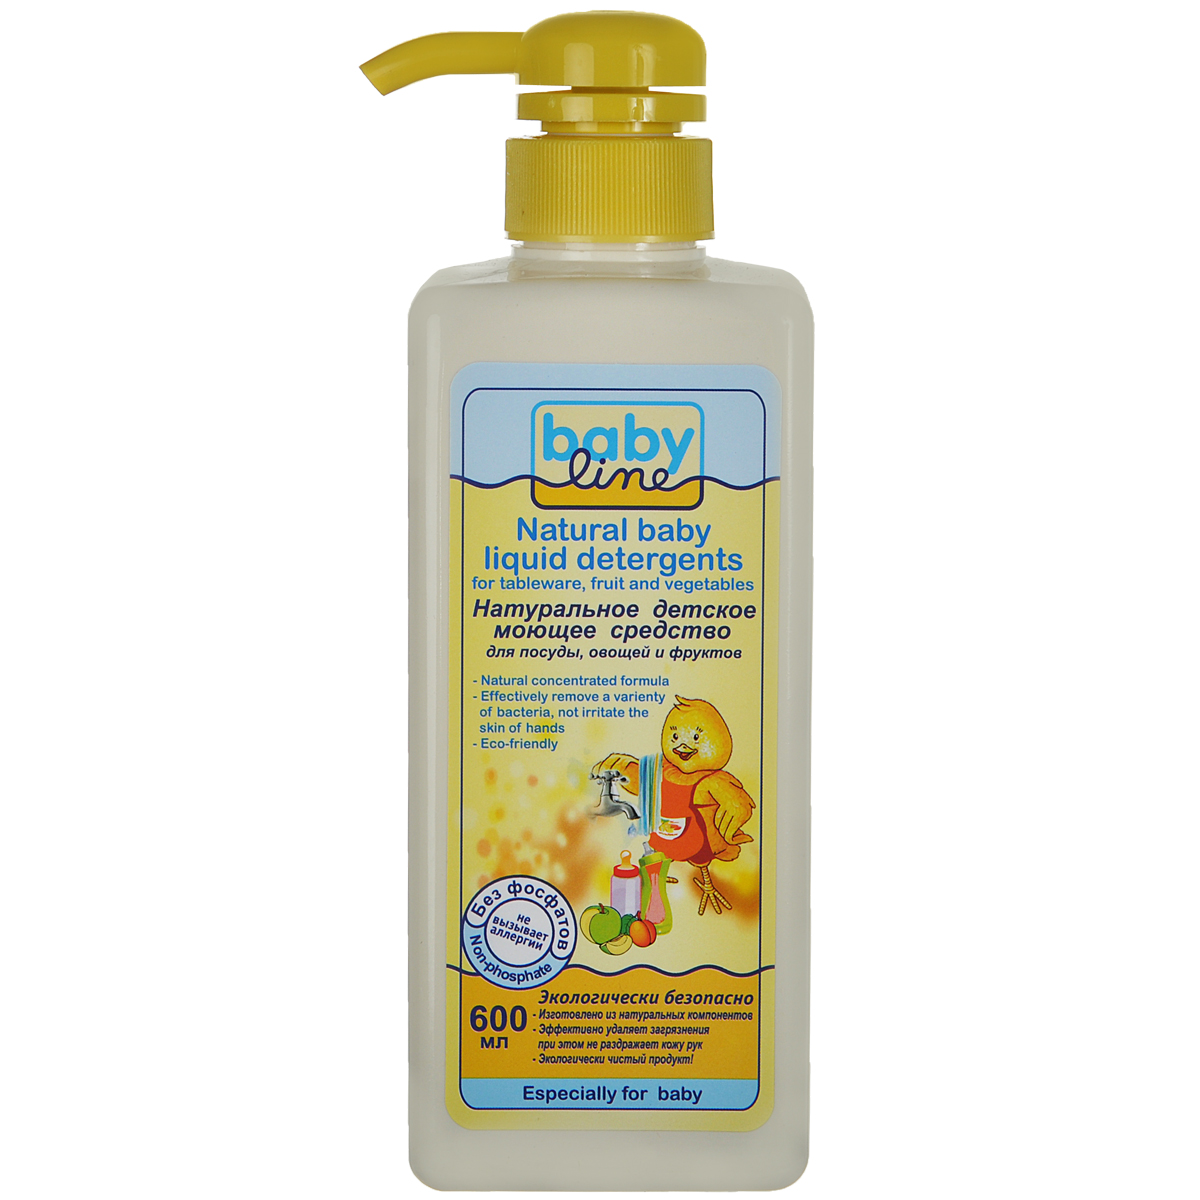 BabyLine Моющее средство для посуды, овощей и фруктов, натуральное, детское, 600 мл18273362Моющее средствоBabyLine изготовлено из натурального сырья и компонентов, используемых в производстве продуктов питания, поэтому полностью безопасно для младенцев с первых дней жизни.Эффективно удаляет пищевые загрязнения и бактерии с детской посуды, сосок и т.д.Особенно рекомендовано для мытья фруктов и овощей. Характеристики:Объем: 600 мл. Артикул: 18273362. Изготовитель: Германия. Товар сертифицирован.